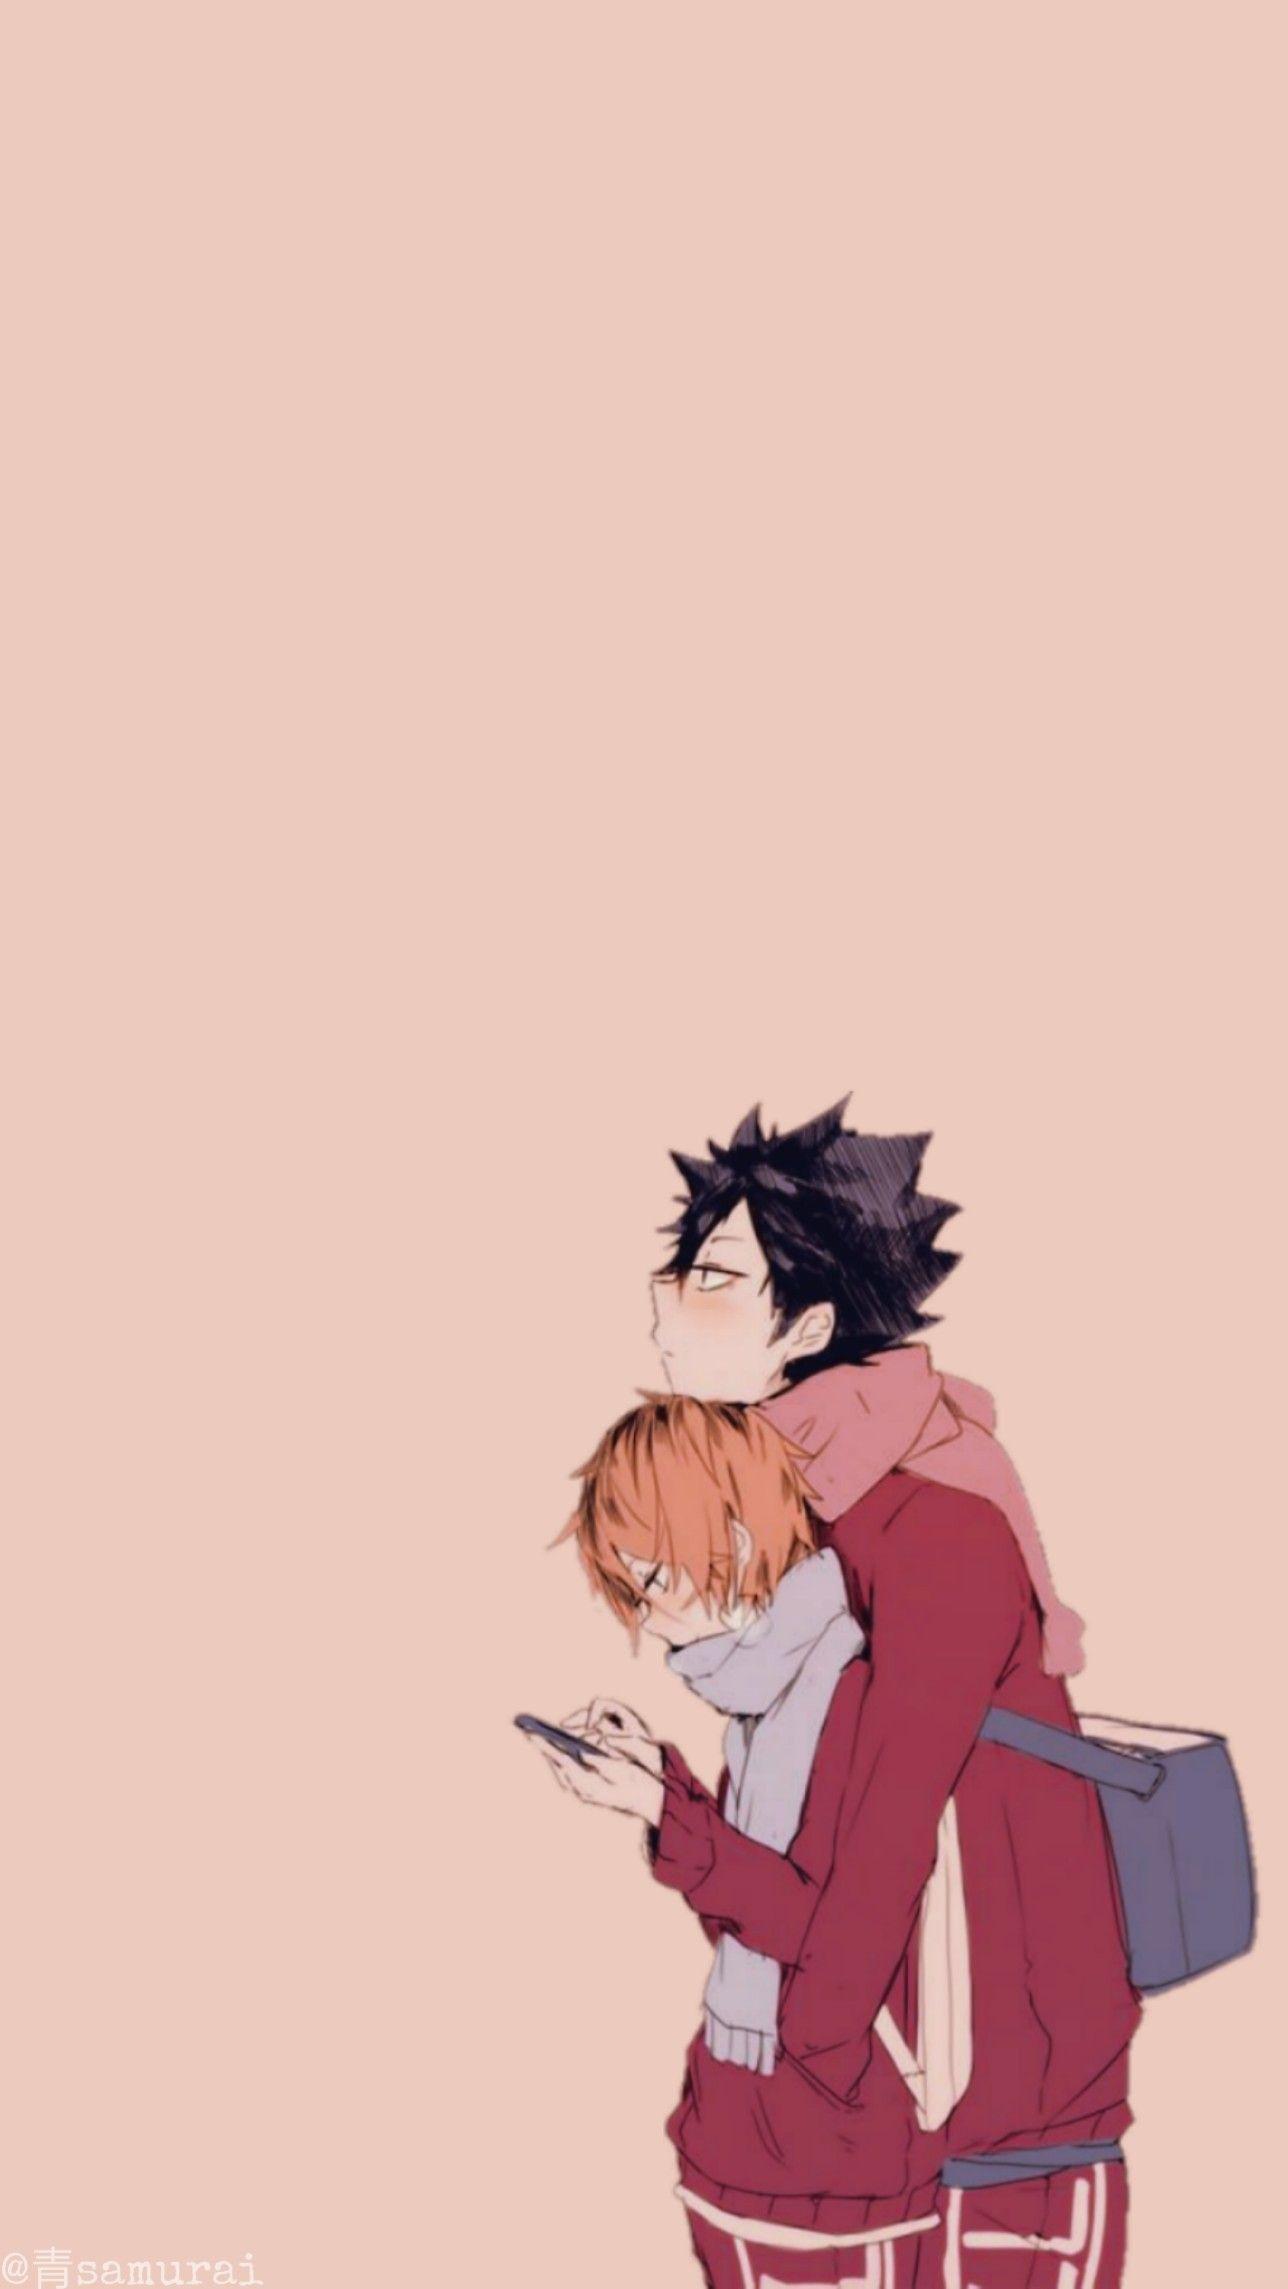 Kenma X Kuroo Haikyuu Anime Wallpapers Haikyuu Anime Haikyuu Fanart Kuroo Haikyuu